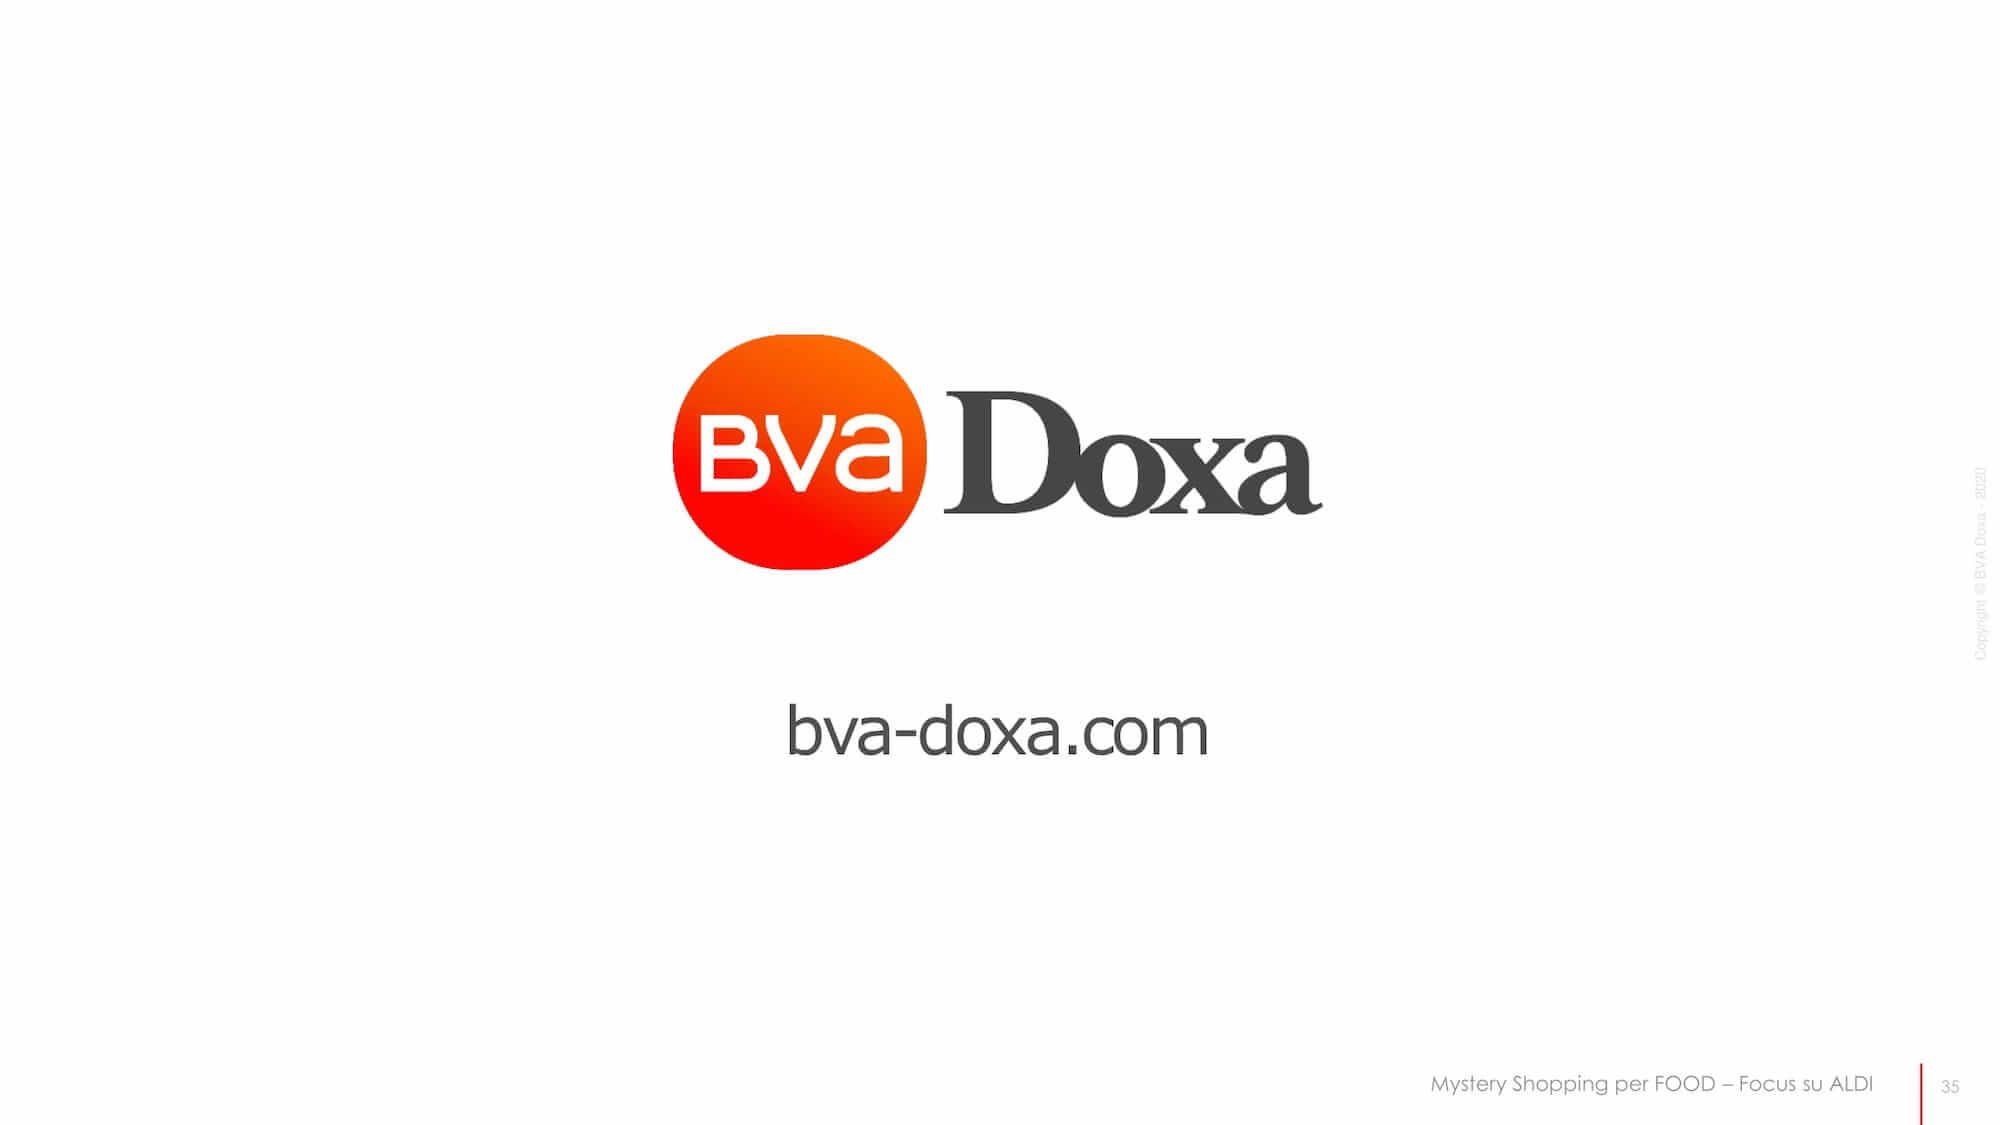 Bva Doxa Report Mystery Food Aldi 2021.04 35